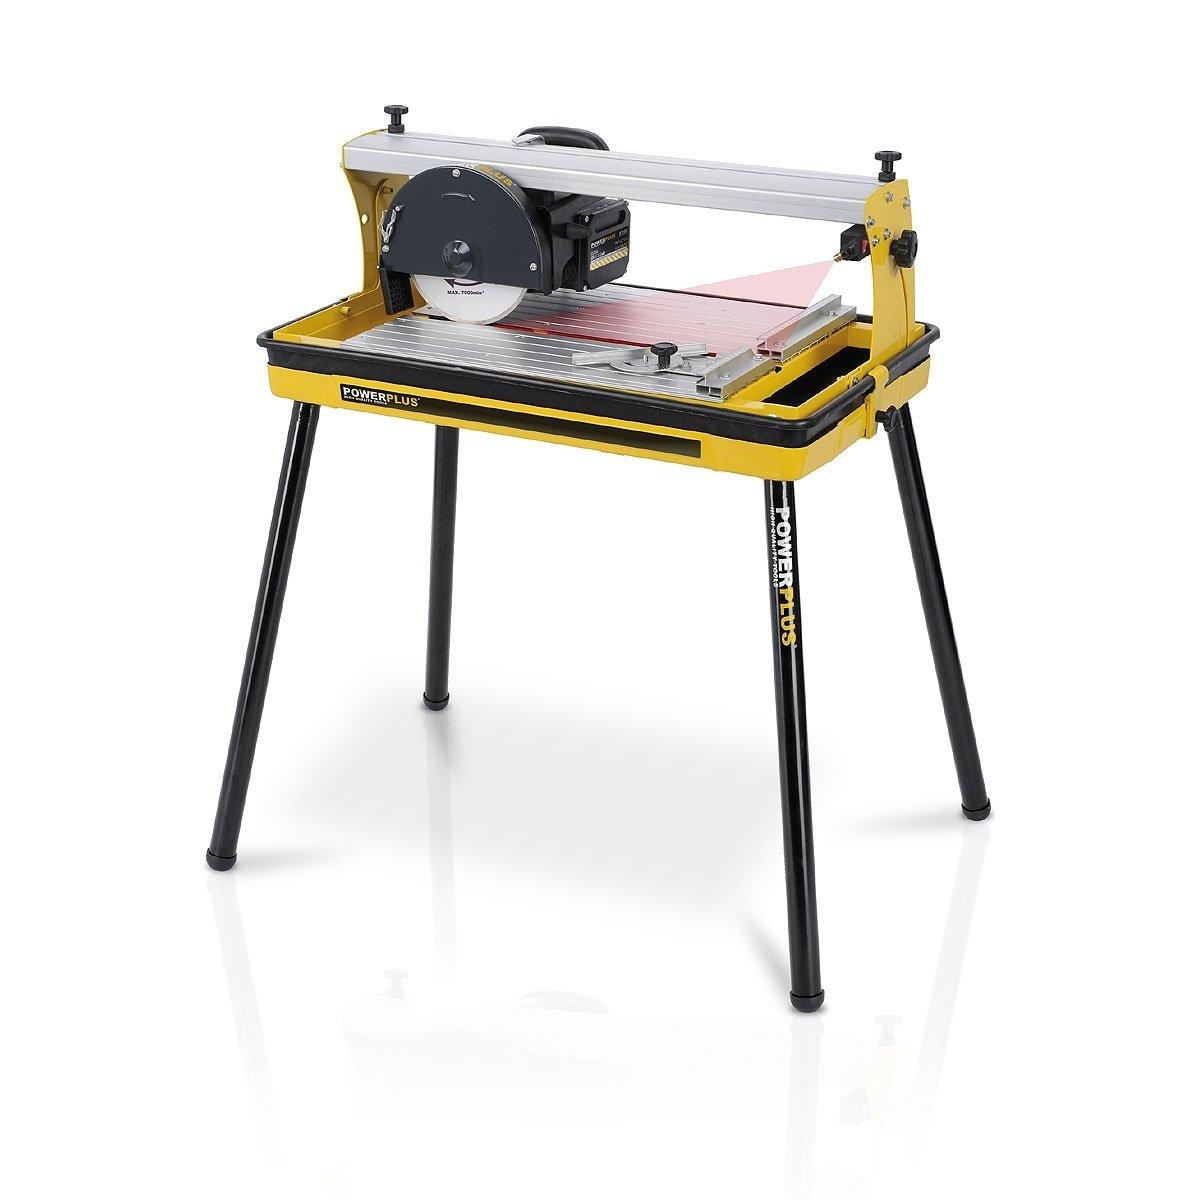 Fliesenschneidemaschine Fliesenschneider Nassschneider 600W mit Laser, DiamantTrennscheibe und Wasserbehälter  Art. POWX240  BaumarktKundenbewertung und weitere Informationen